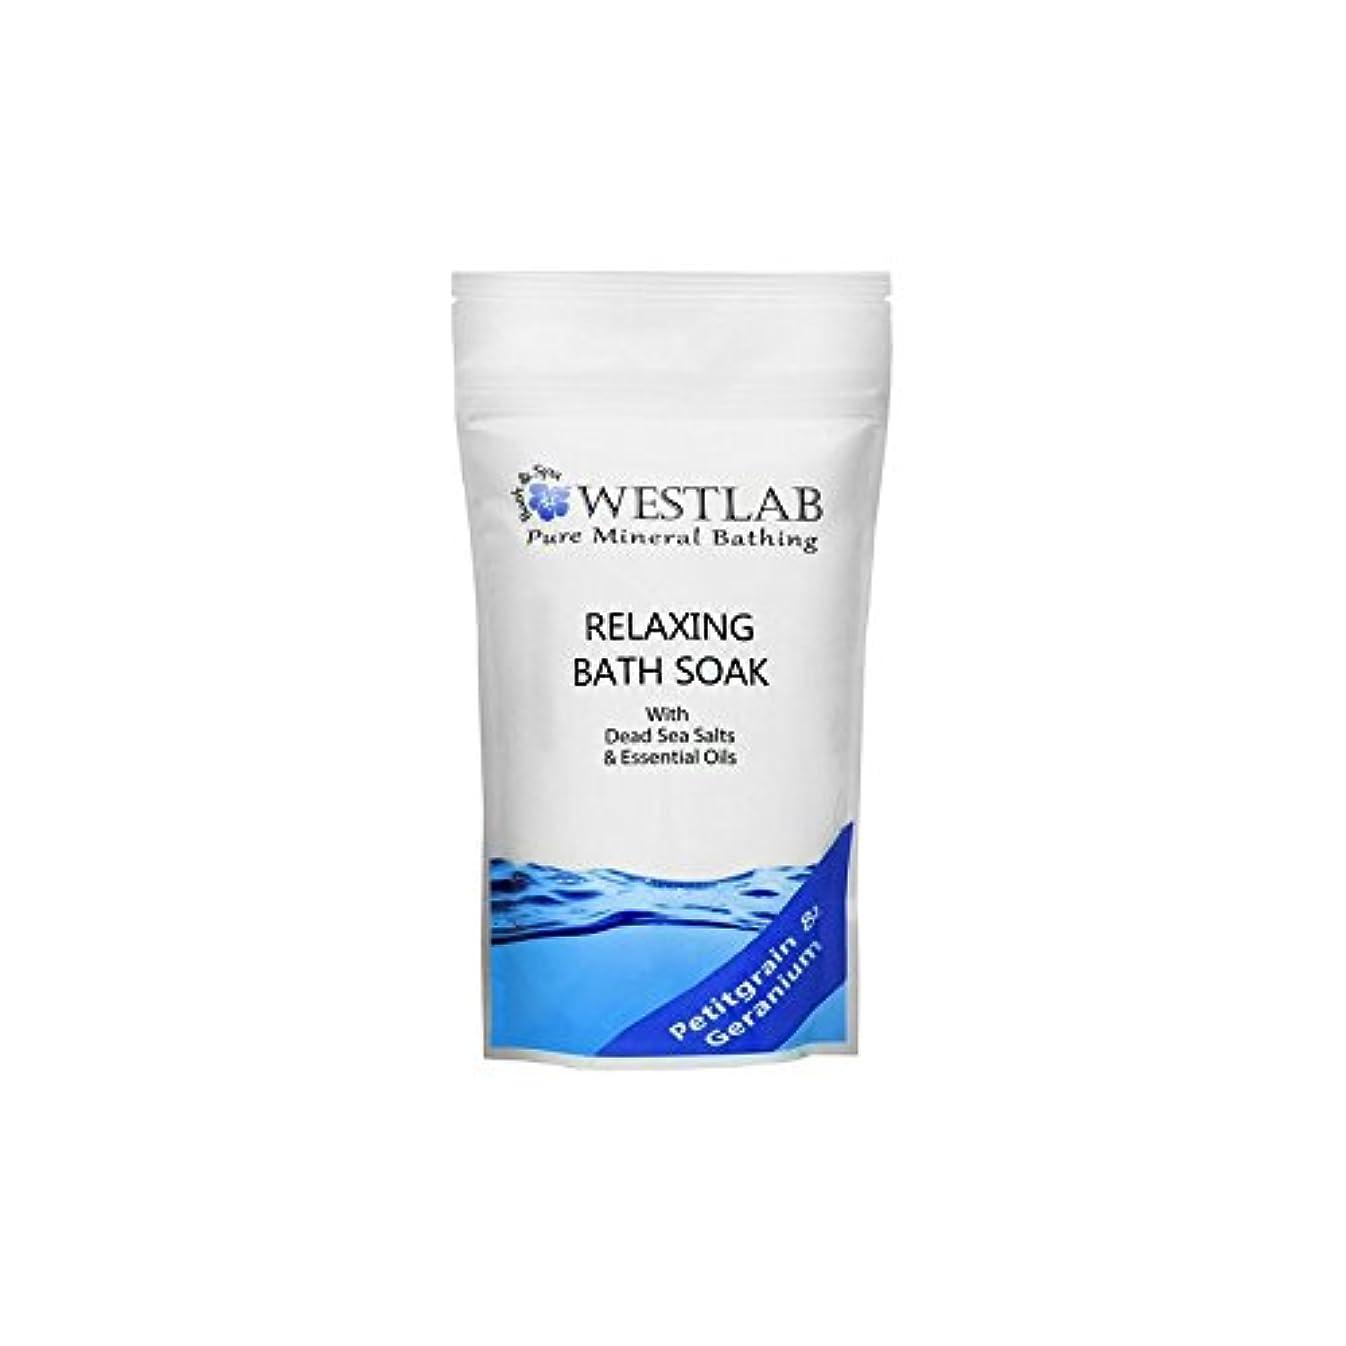 代名詞蓋風刺Westlab Relax Dead Sea Salt Bath Soak (500g) - 死海の塩浴浸漬(500グラム)をリラックス [並行輸入品]